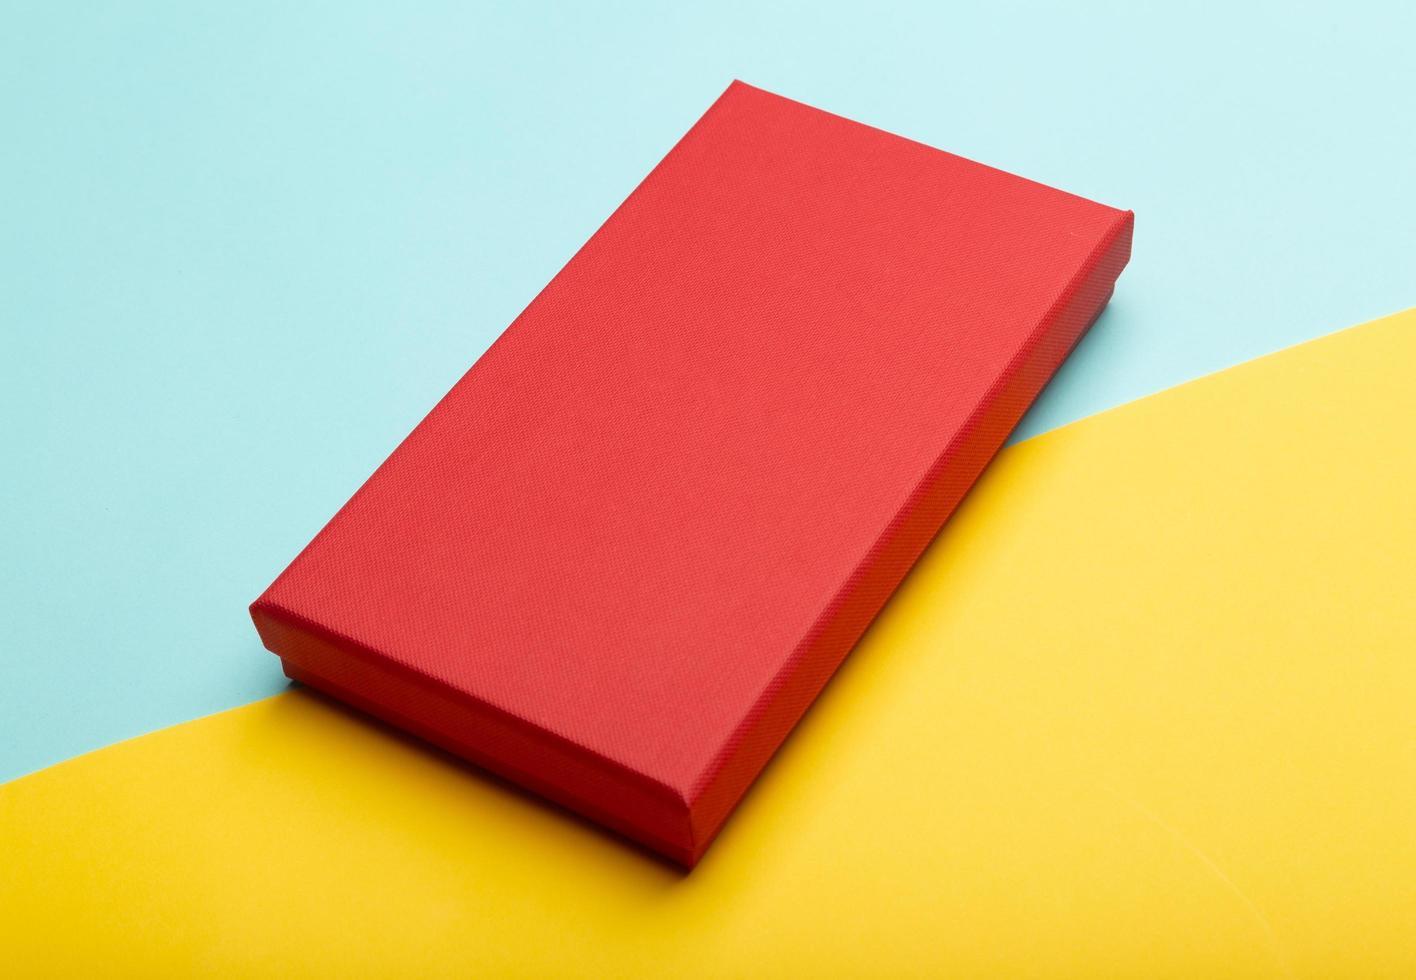 röd produktförpackningslåda foto